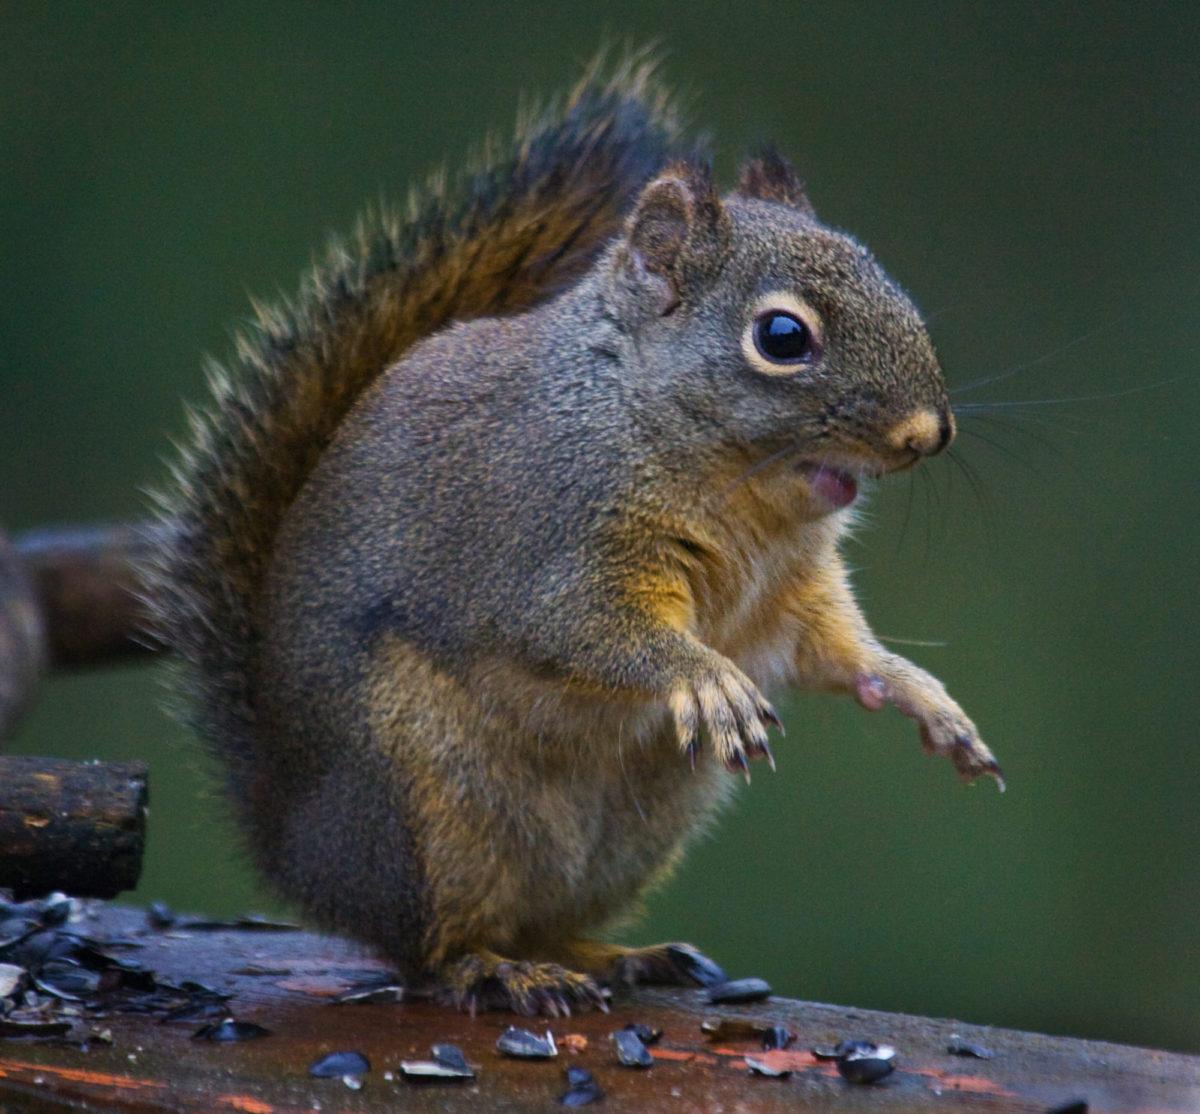 Squirrels - Backyard Buddies Or Furry Felons?